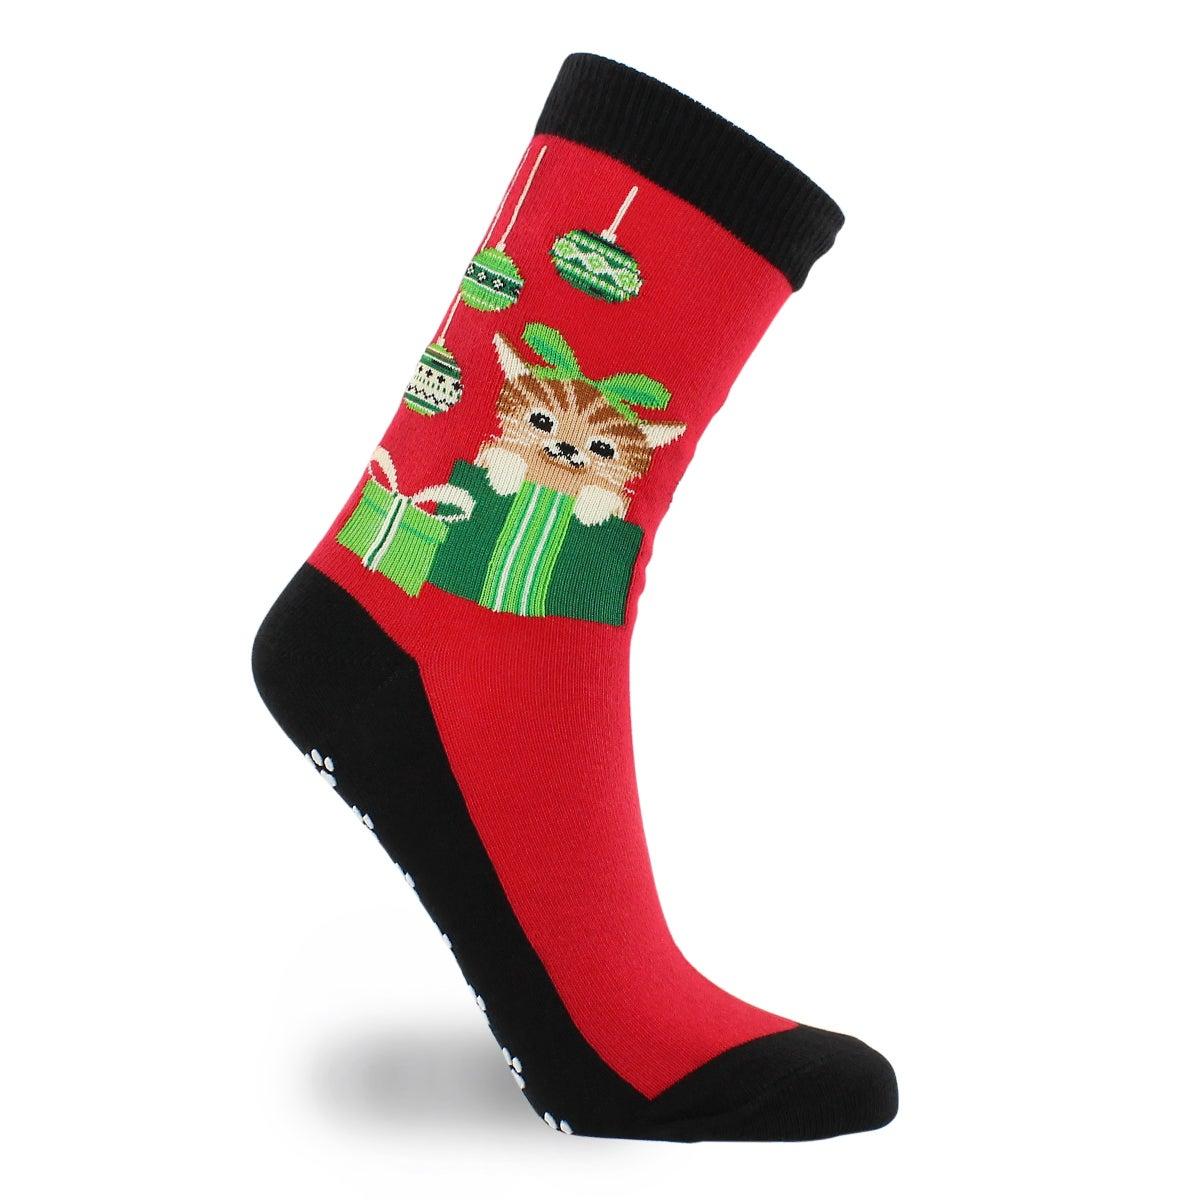 Chaussette adhér Cat&Ornaments, rge, fem